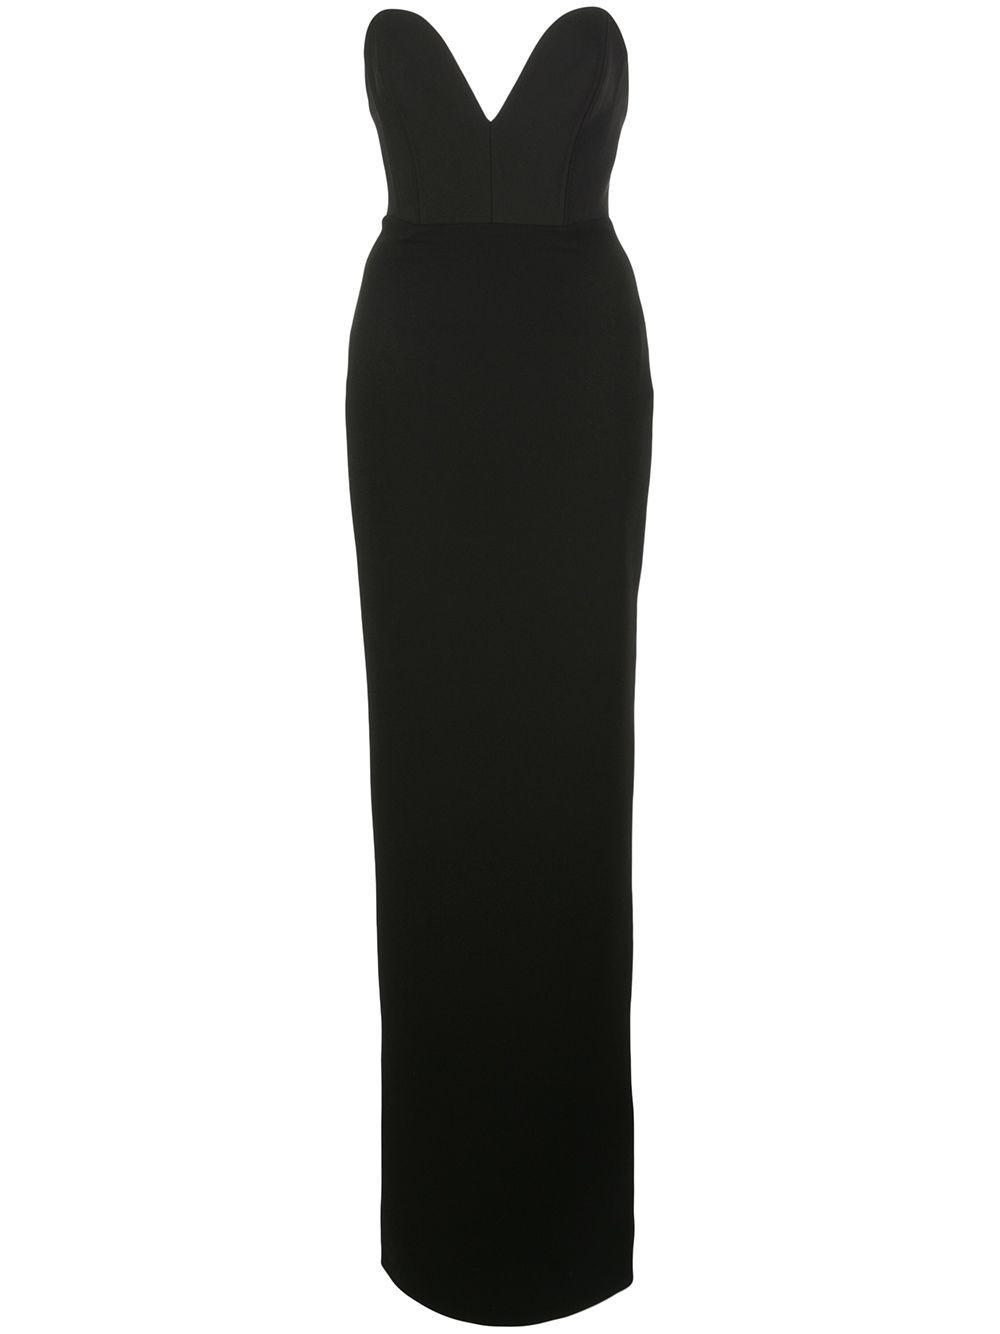 Nika Maxi Dress Item # OS26022